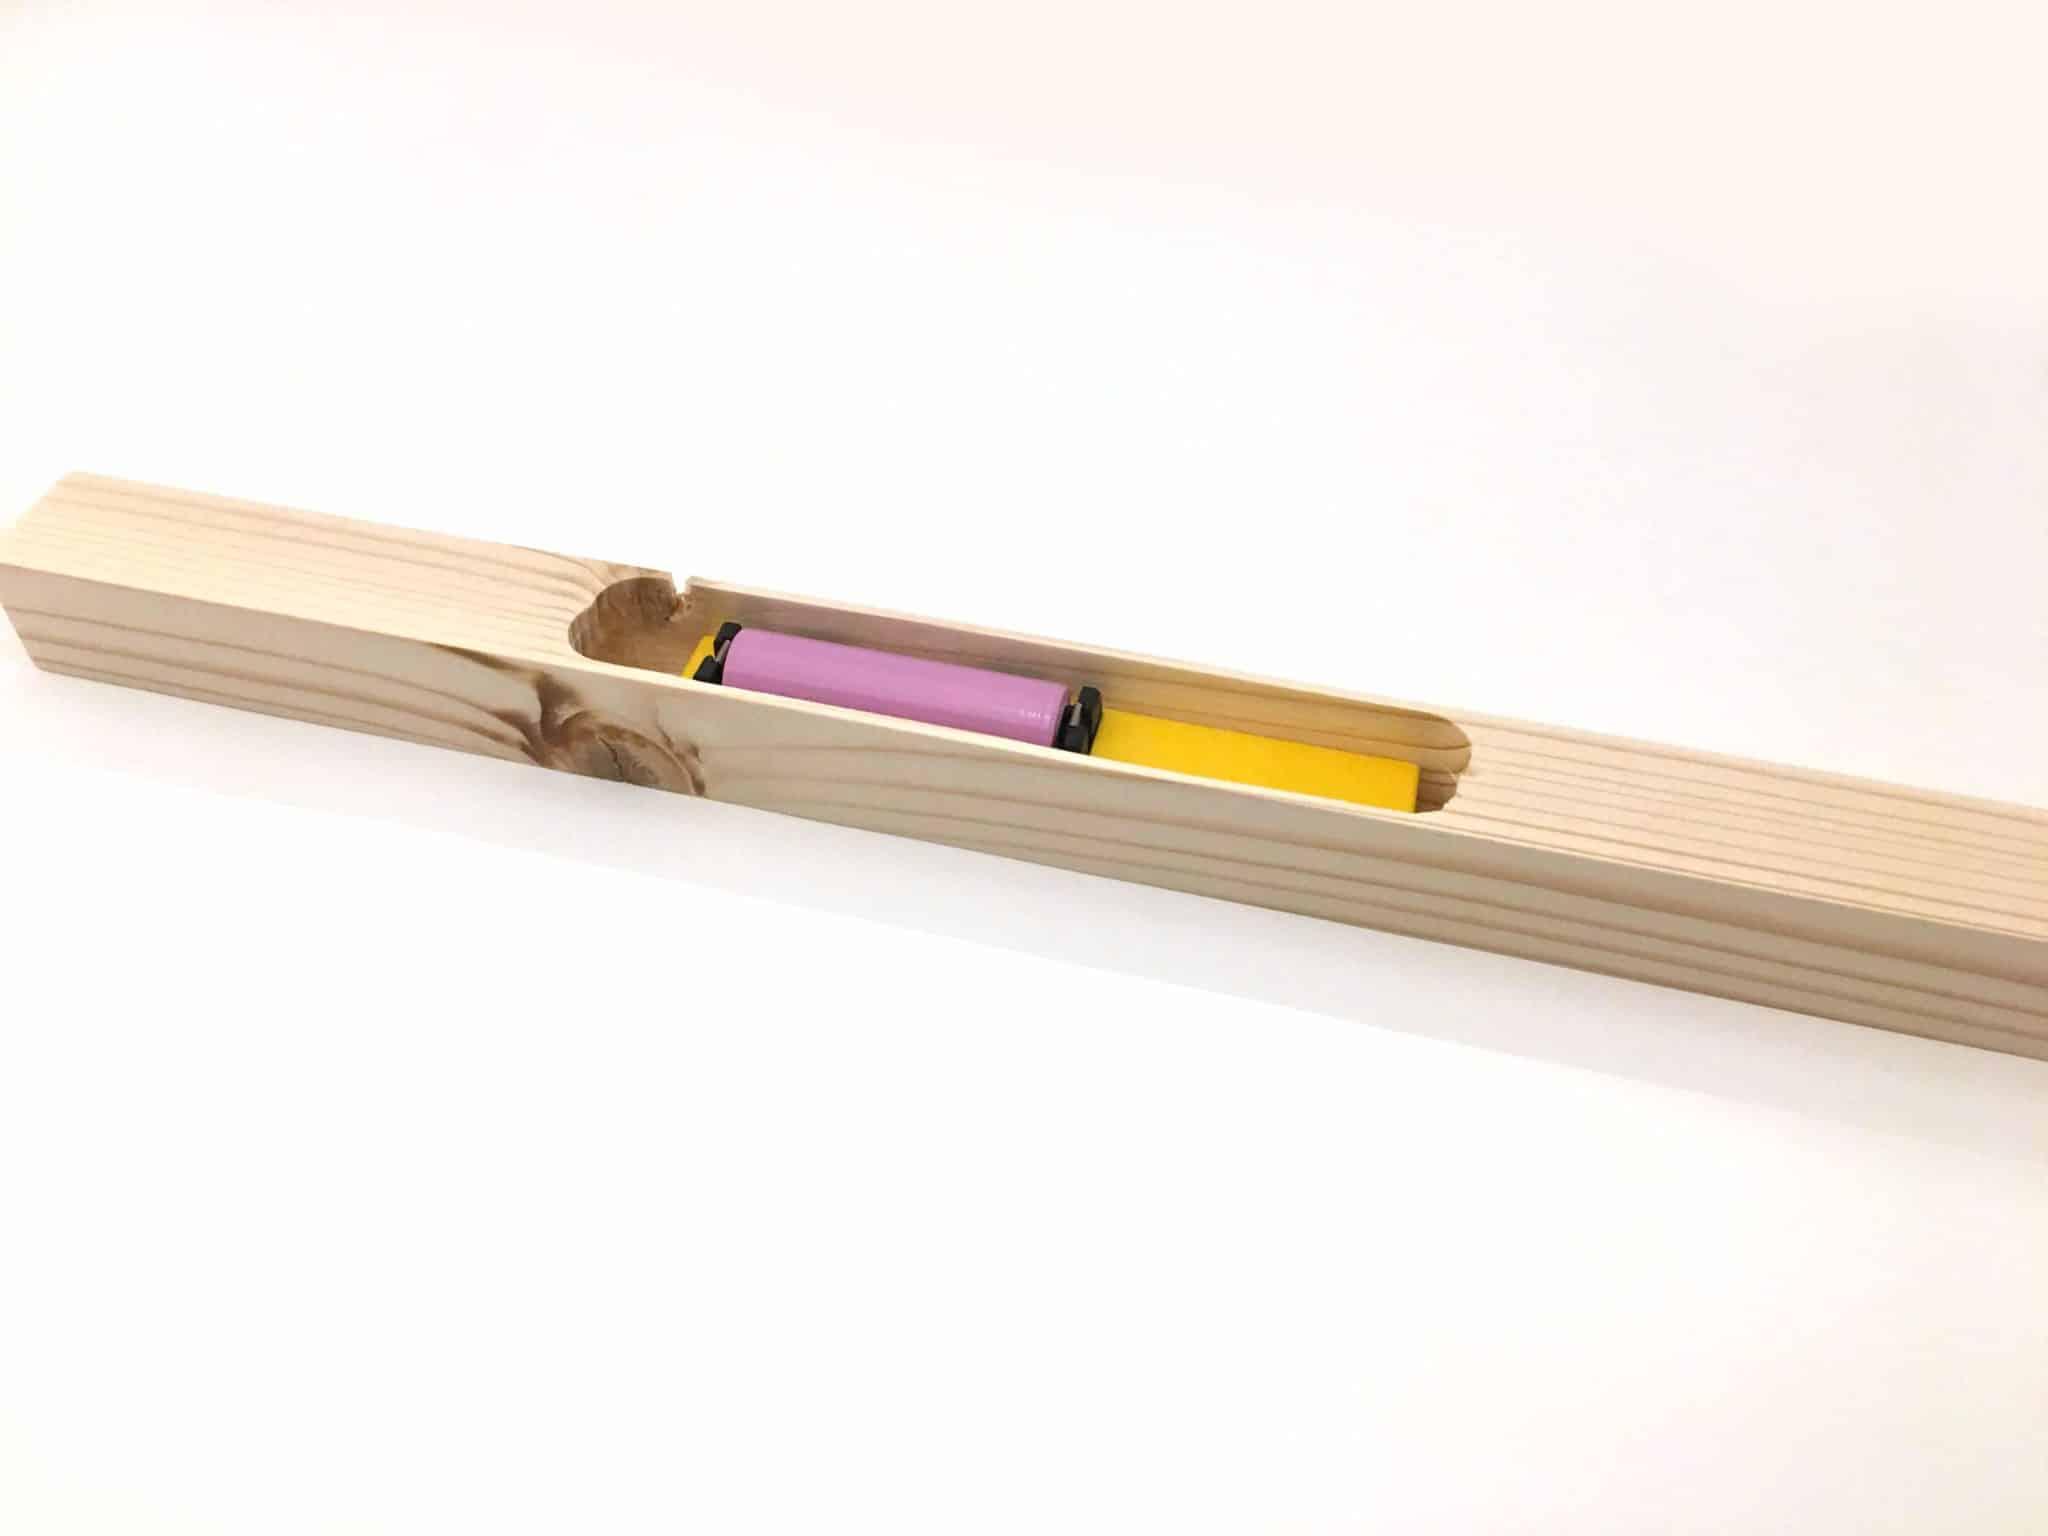 antifurto per arnia allogiato dentro al supporto di legno